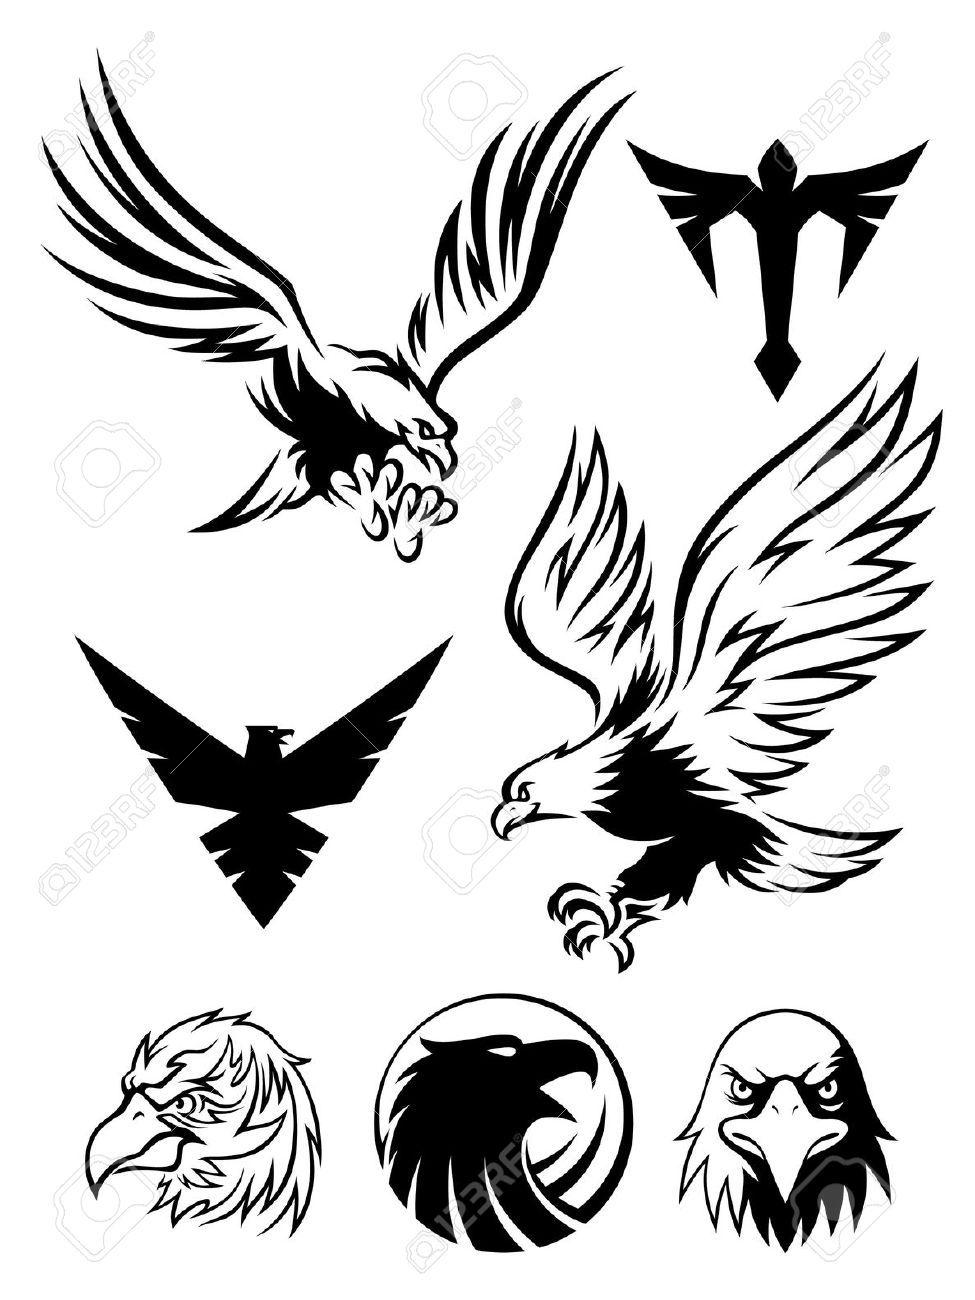 bald eagle logo Google Search Aguia desenho, Tatuagem